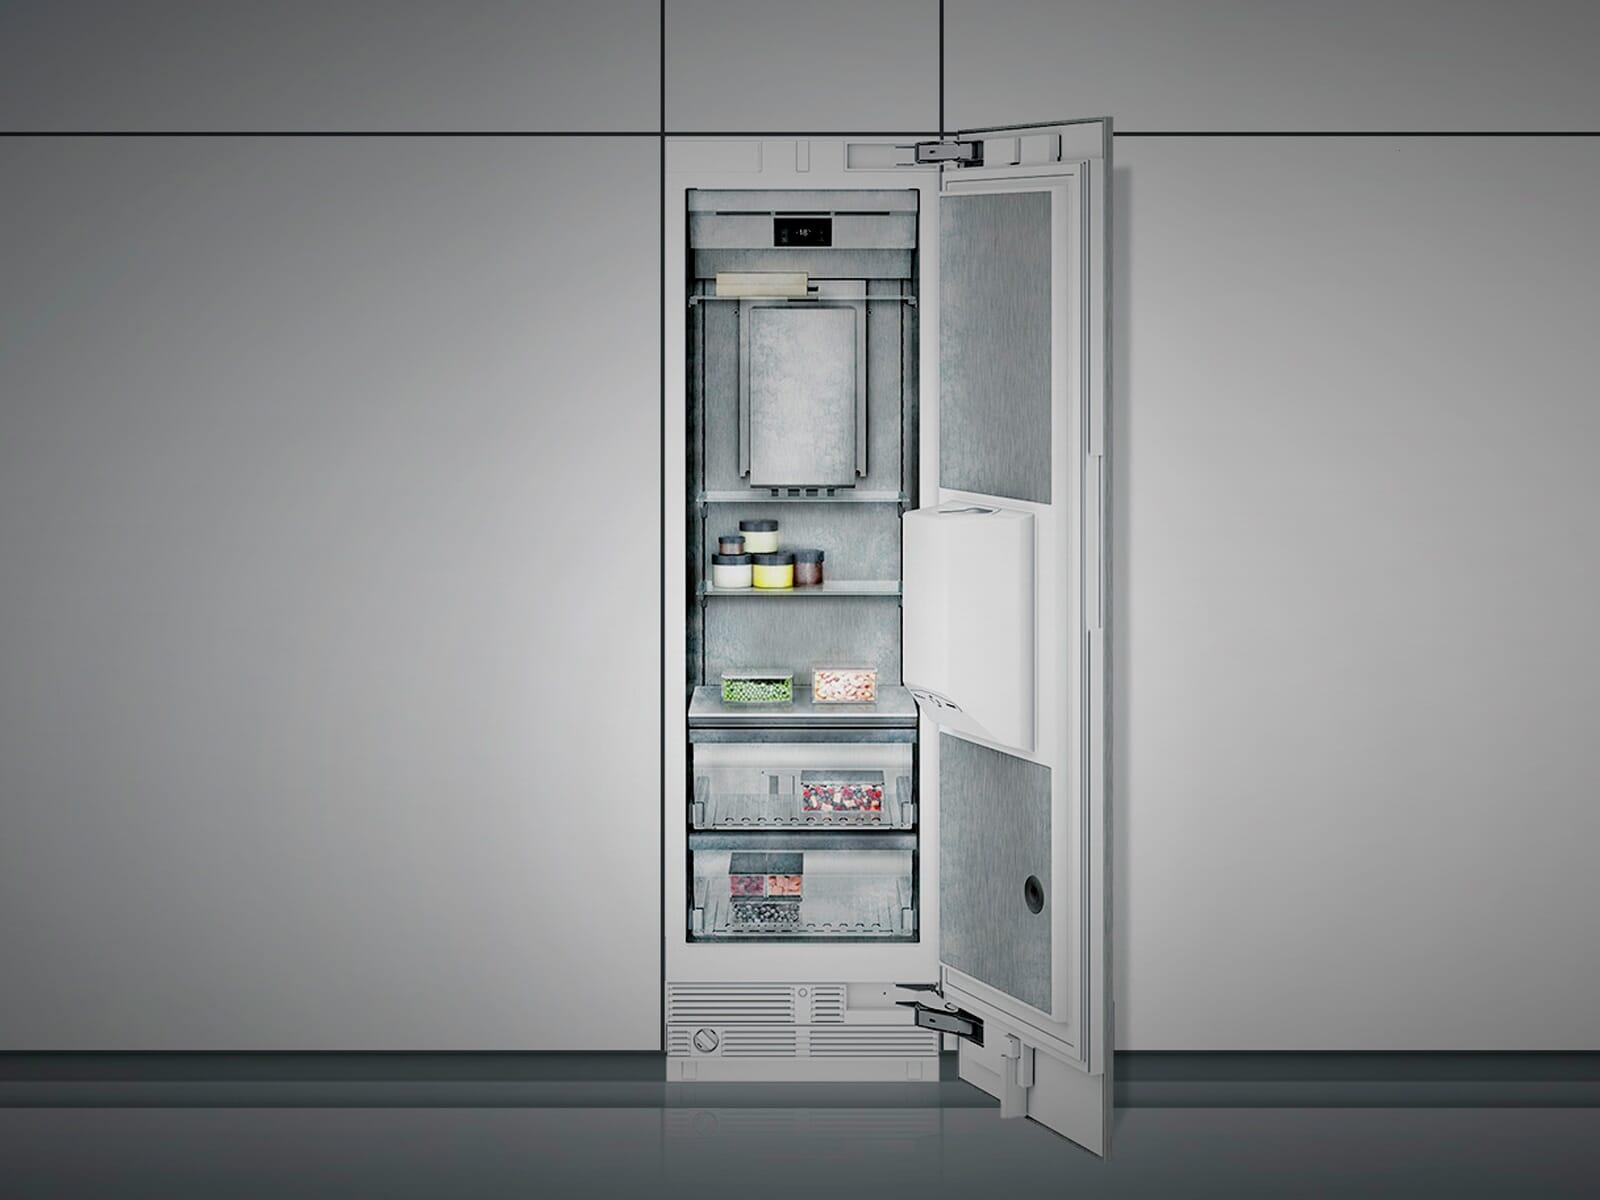 Gaggenau RF 463 304 Serie 400 Einbaugefrierschrank